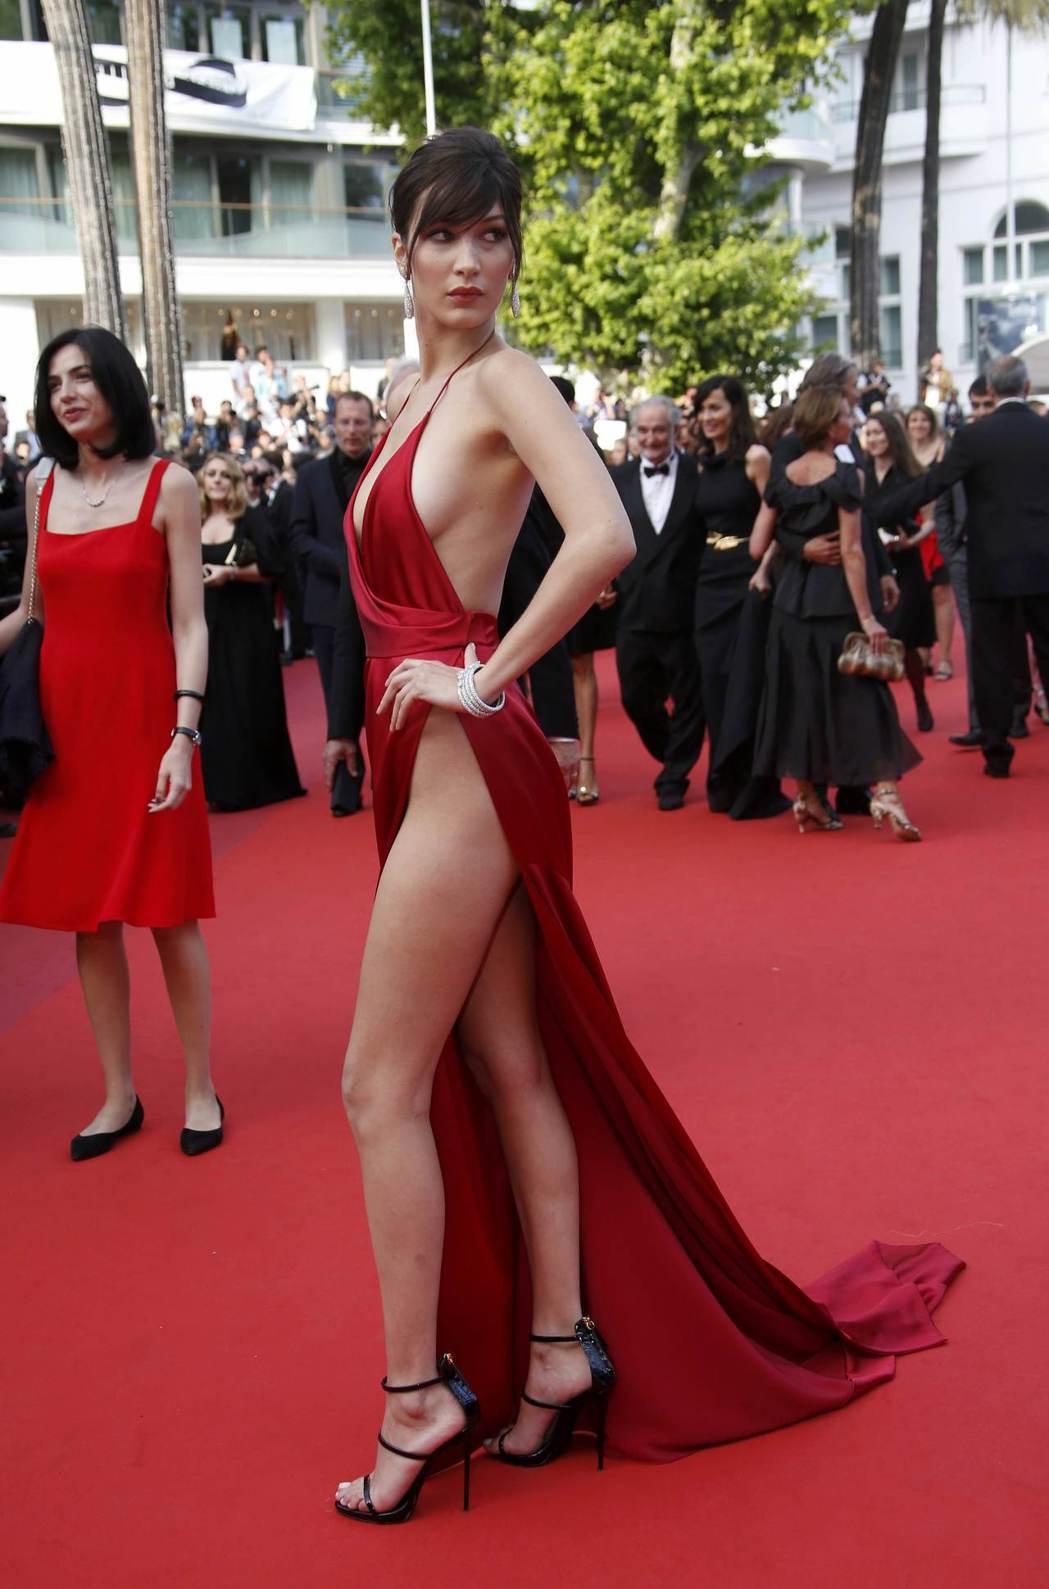 模特兒貝拉哈蒂德在兩年前的坎城影展上就曾經穿著清涼養眼的服裝,吸引媒體關注。圖/...